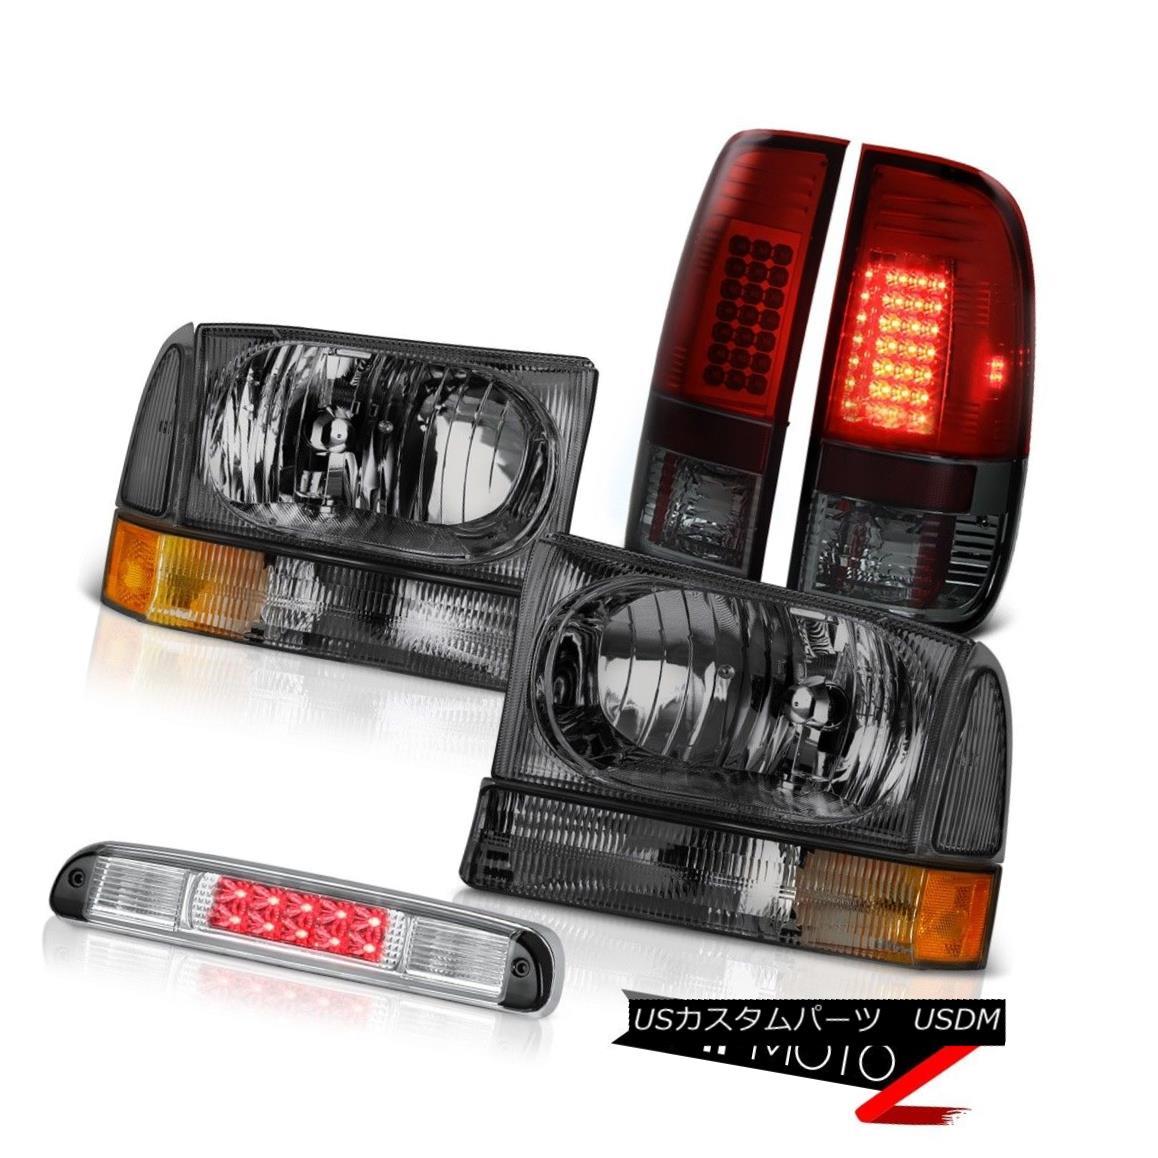 テールライト Crystal Headlights Red Smoke Tail Lights Roof LED 3rd 99 00 01 02 03 04 F350 XLT クリスタルヘッドライト赤煙テールライトルーフLED 3rd 99 00 01 02 03 04 F350 XLT